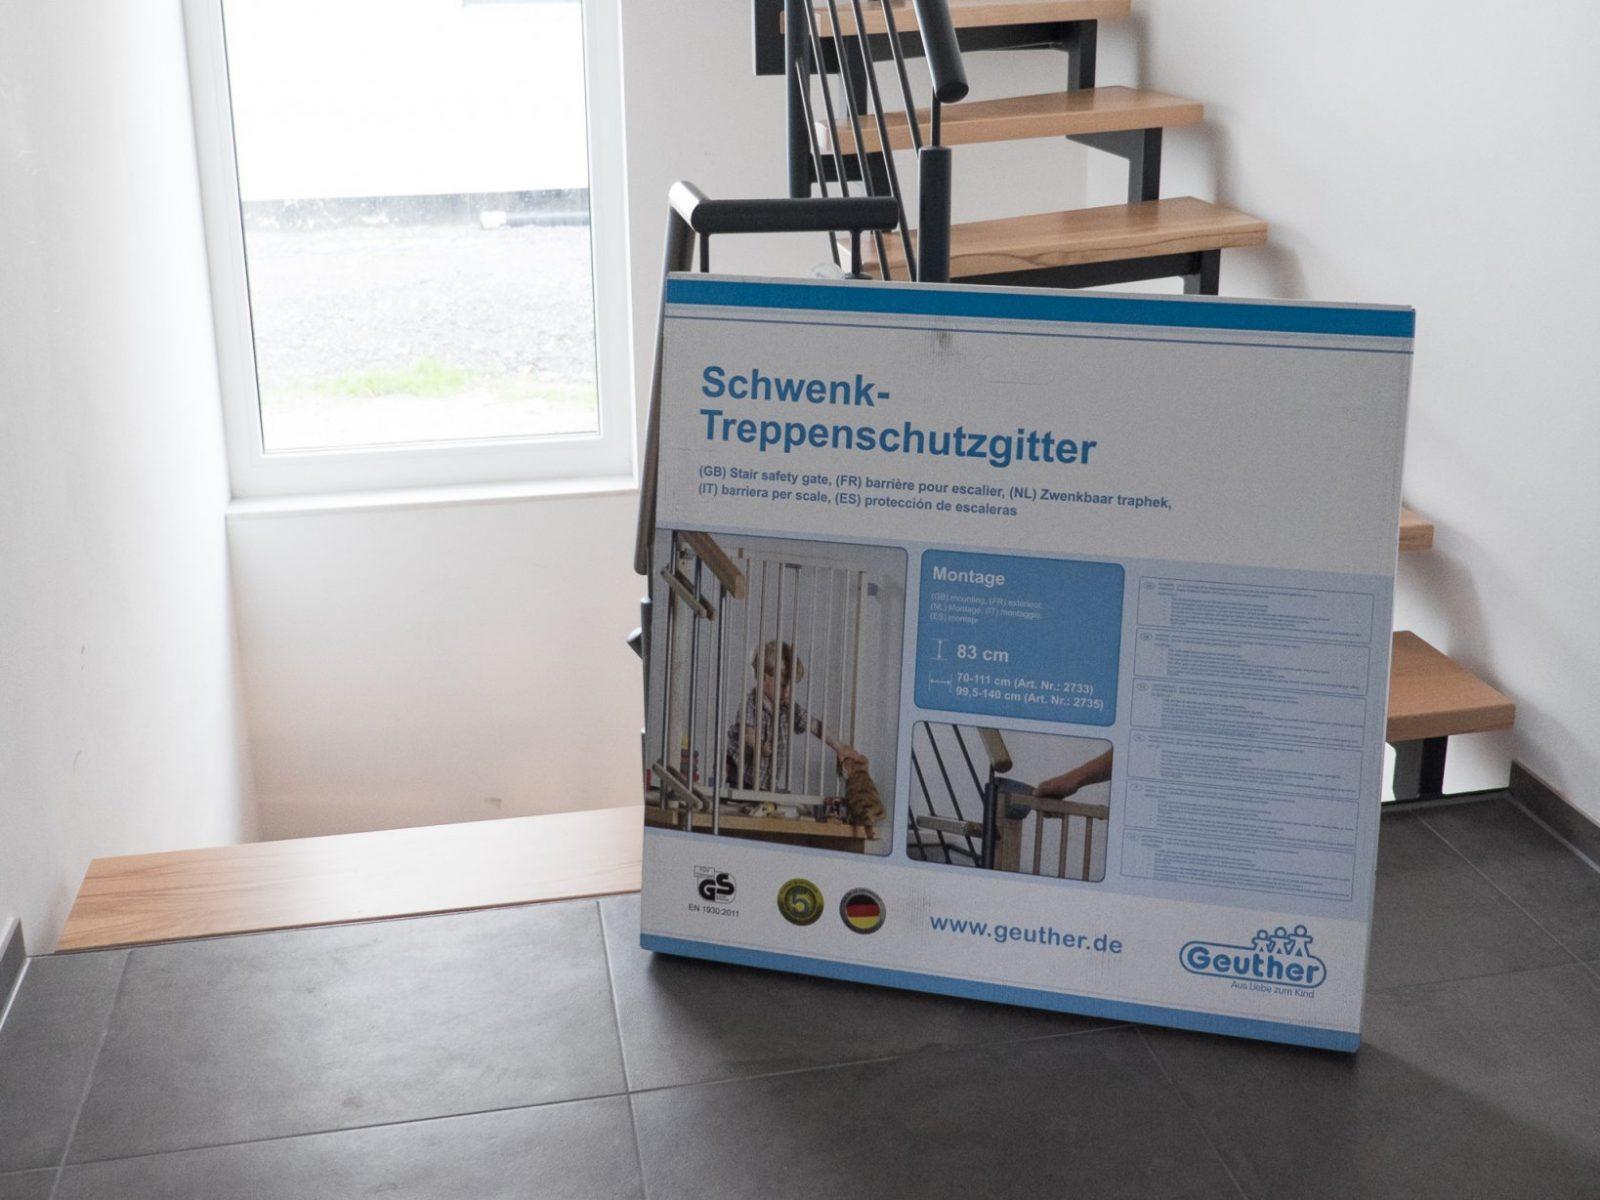 Geuther Treppenschutzgitter – Ein Haus Für Den Zwerg von Treppenschutzgitter Zum Klemmen Ikea Bild